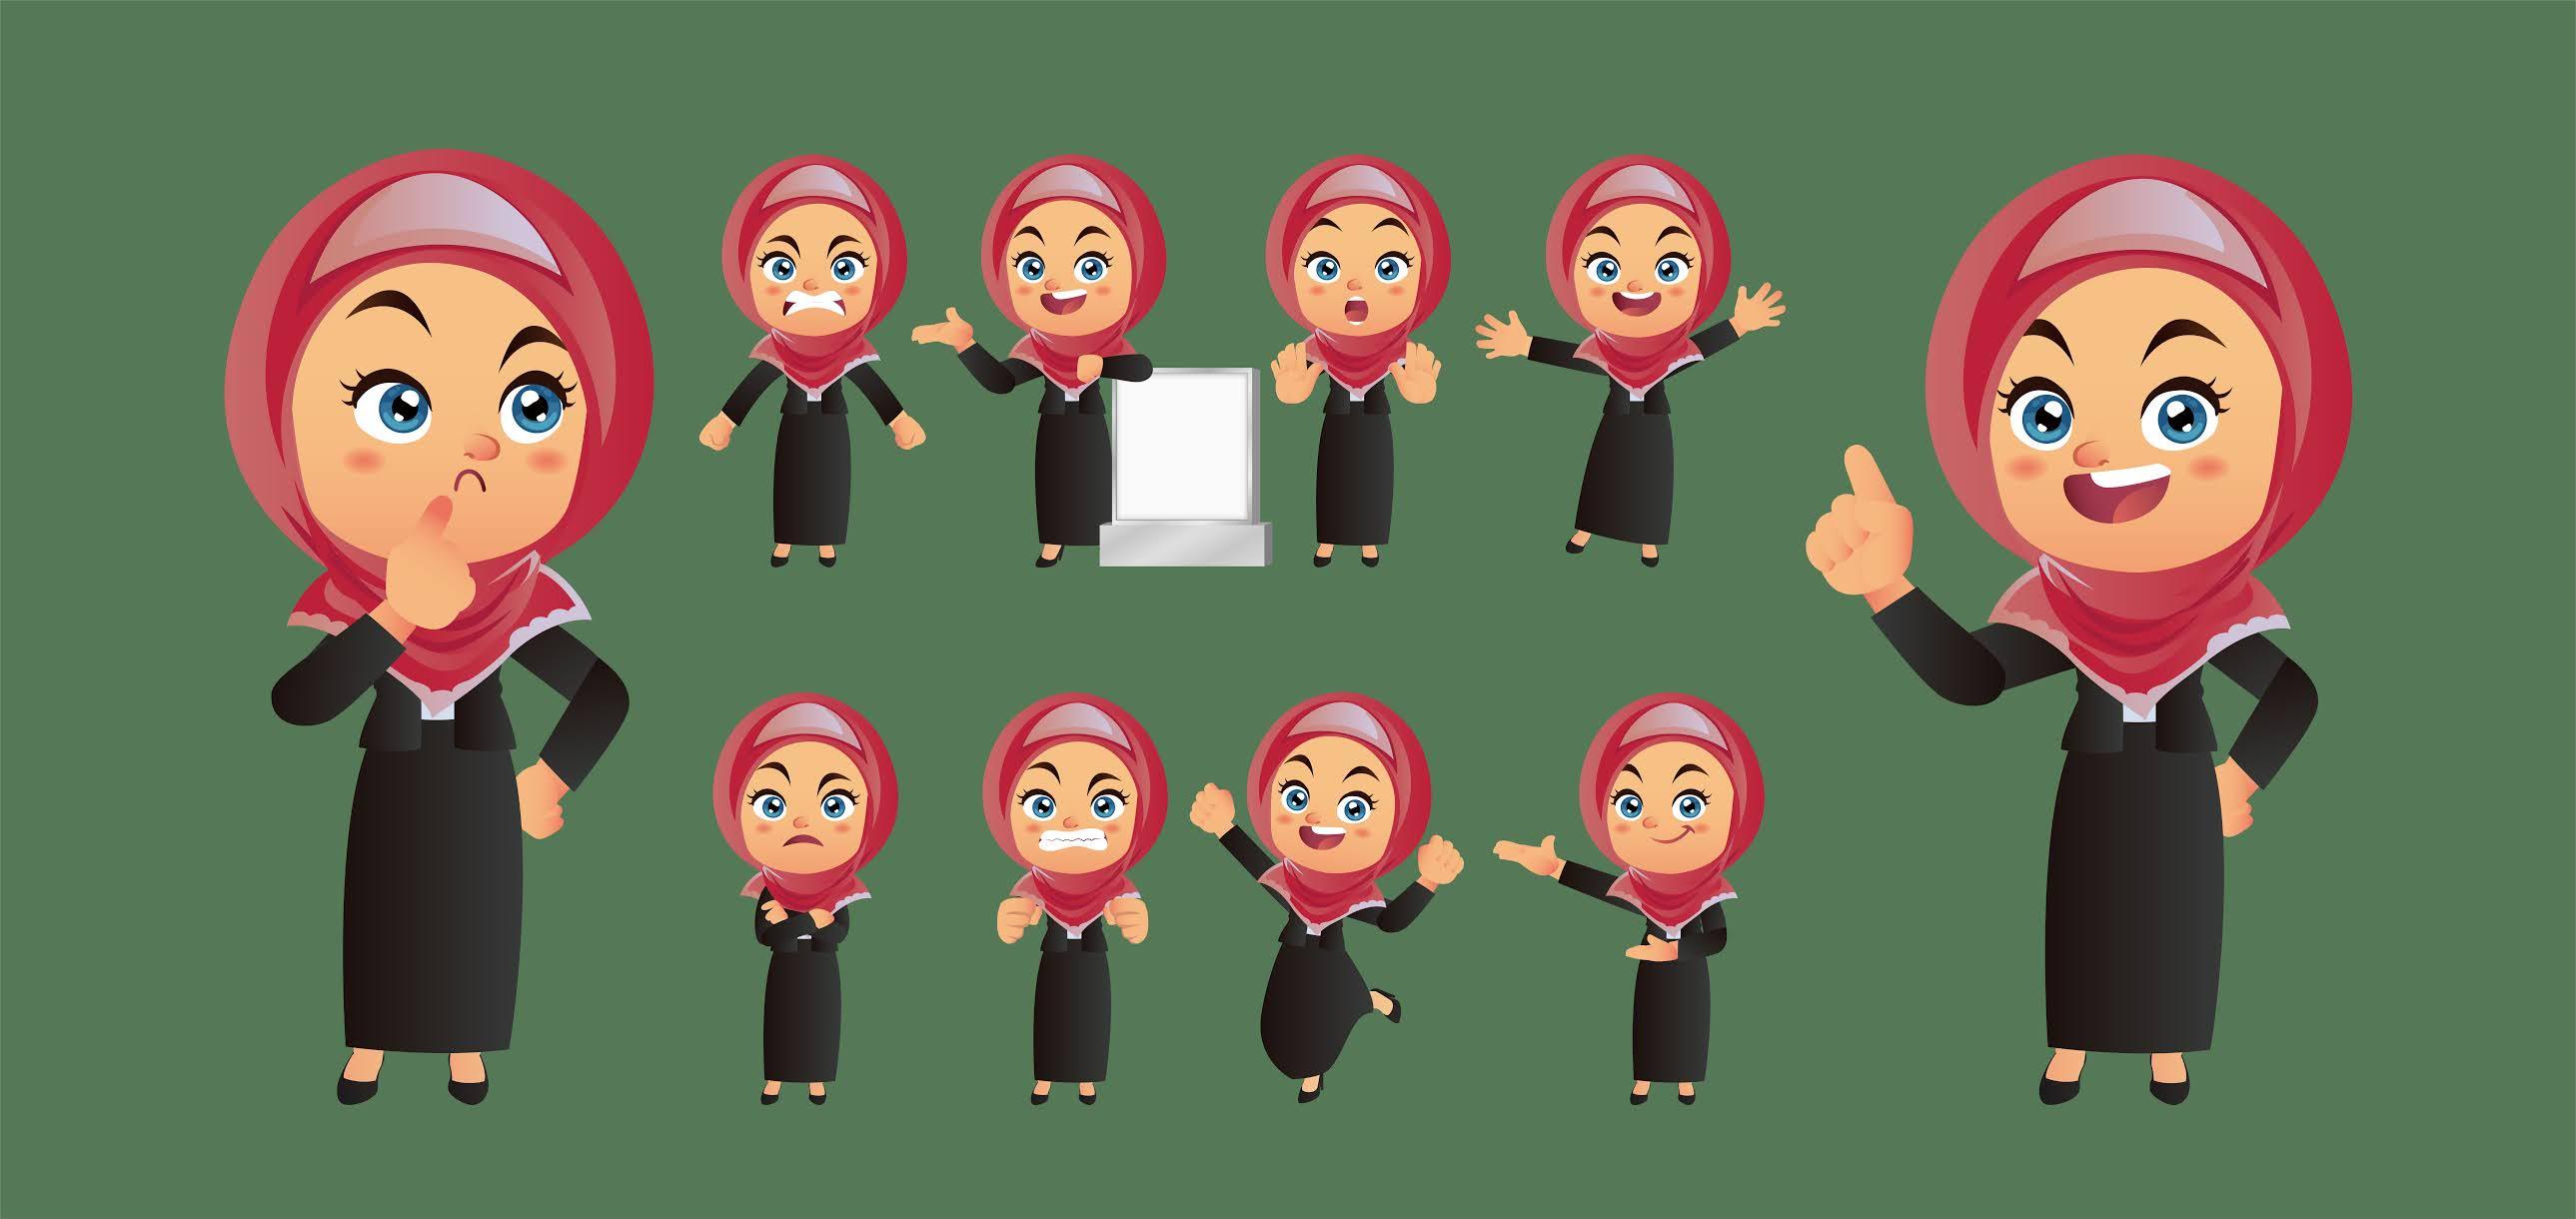 مجموعة تصميمات اطفال مسلمات محجبات جميلات بصيغة فوتوشوب فيكتور